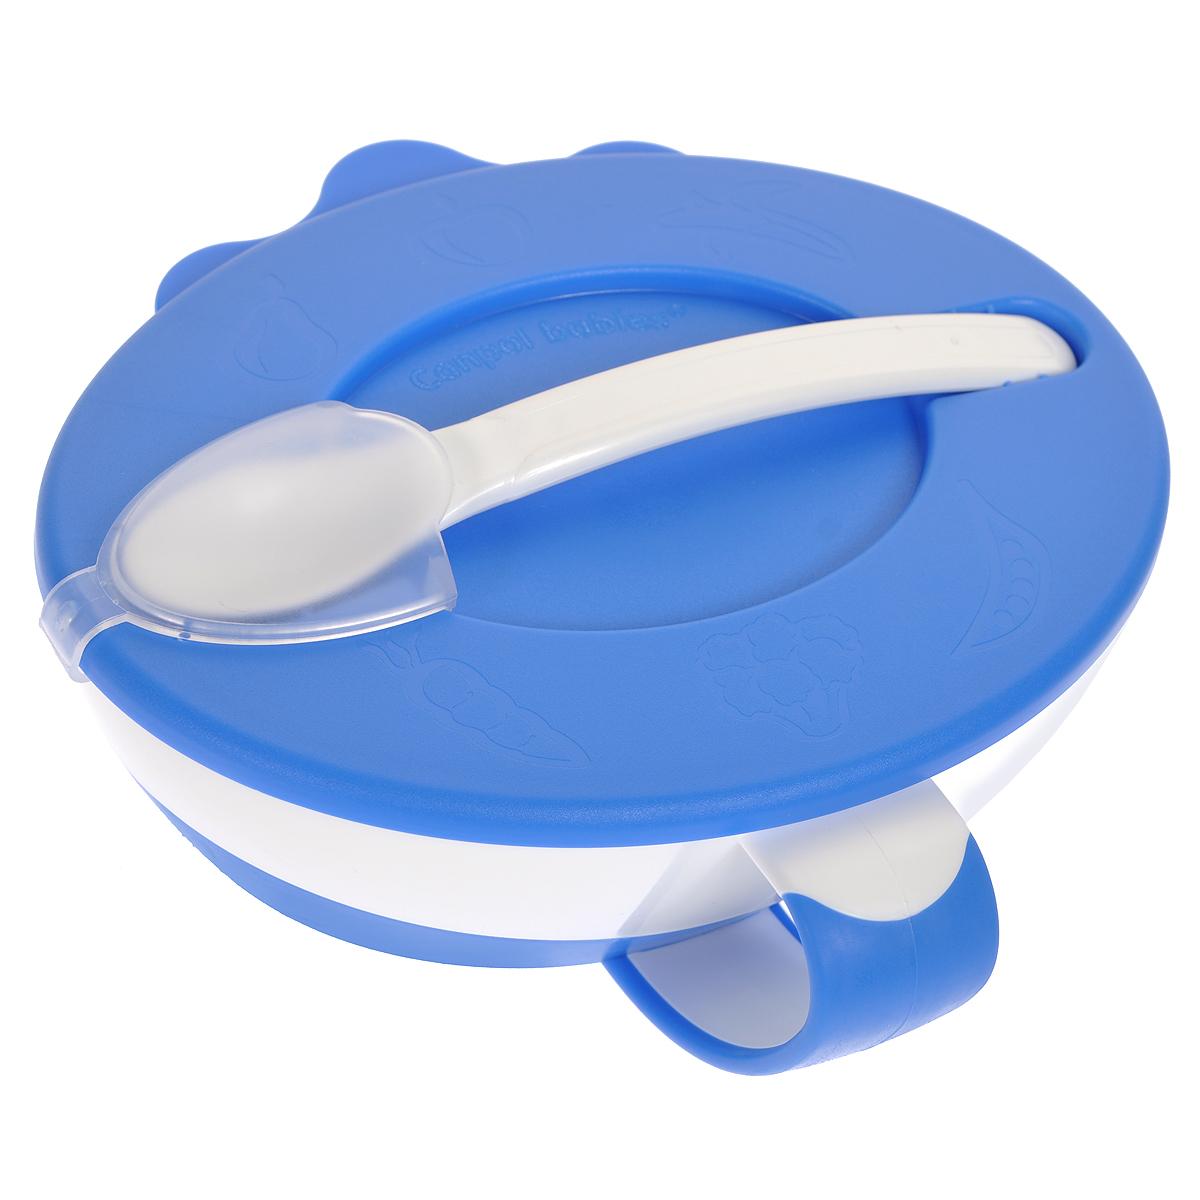 Canpol Babies Миска с ложечкой цвет голубой31/406_голубойМиска Canpol Babies прекрасно подойдет для кормления малыша и самостоятельного приема им пищи. Эргономичная форма с ручкой позволит удобно держать ее во время кормления и легко зачерпывать еду. Плотно закрывающаяся крышка позволит сохранить остатки еды. На крышке имеется специальный снимающийся фиксатор, при помощи которого крепится ложечка. Ее мягкий ковш не повредит нежные десны ребенка, а удлиненная ручка позволит легко зачерпывать еду до самого дна тарелочки. Прорезиненное дно миски не позволит ей скользить по поверхности. Благодаря своей практичности миска идеальна в путешествии. Объем миски 350 мл. Рекомендуемый возраст: от 9 месяцев.